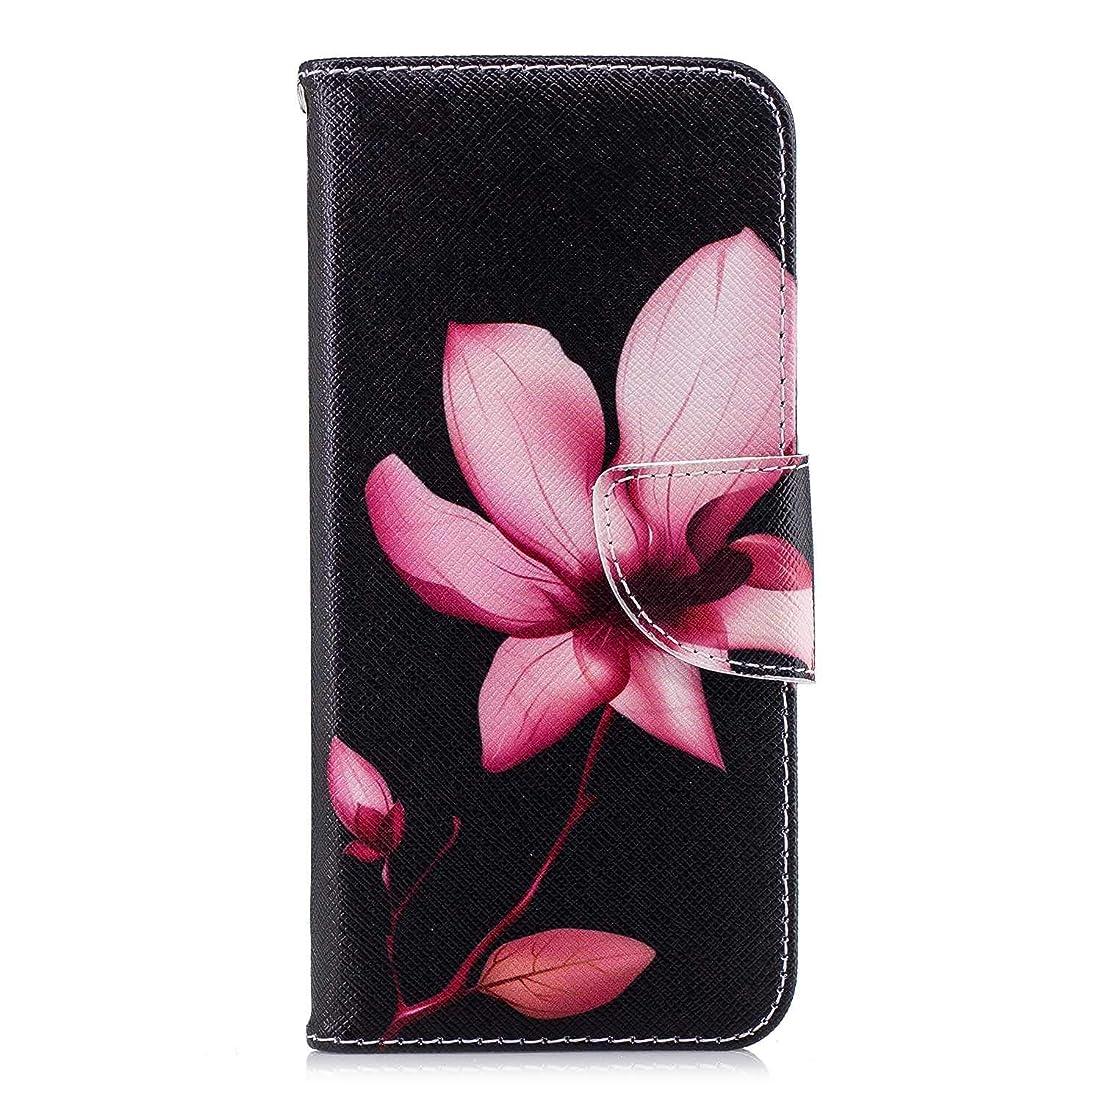 ブロック電報つまらないOMATENTI Huawei Honor 10 ケース, ファッション人気 PUレザー 手帳 軽量 電話ケース 耐衝撃性 落下防止 薄型 スマホケースザー 付きスタンド機能, マグネット開閉式 そしてカード収納 Huawei Honor 10 用 Case Cover, 花